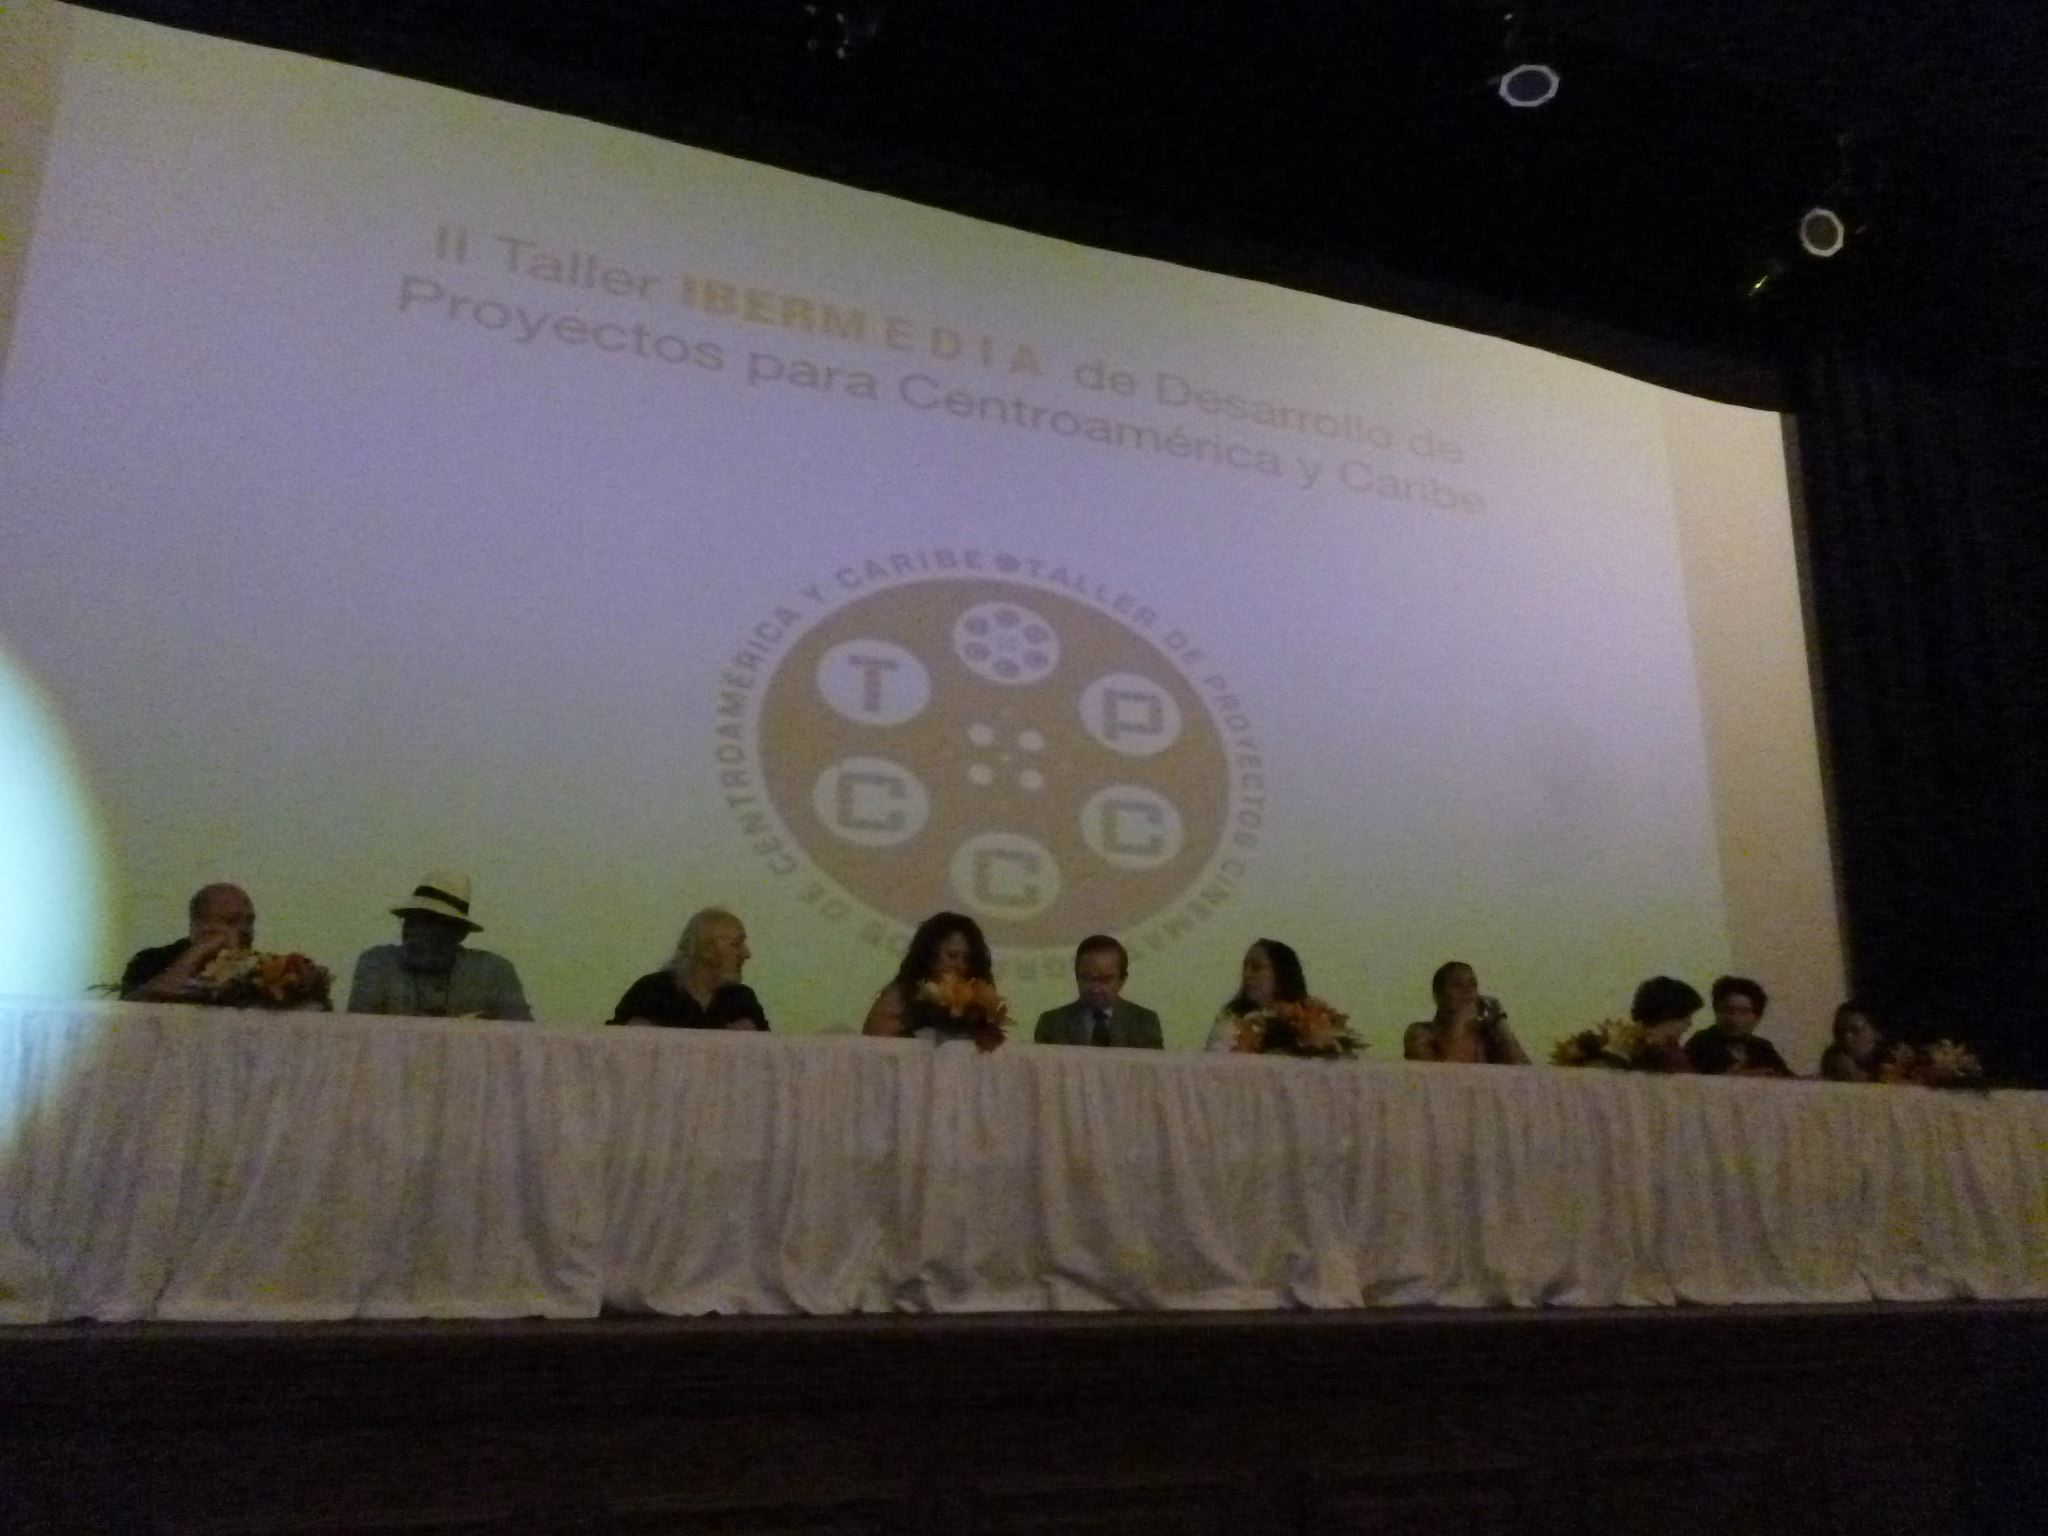 II Taller de Proyectos Cinematográficos de Centroamérica y Caribe.